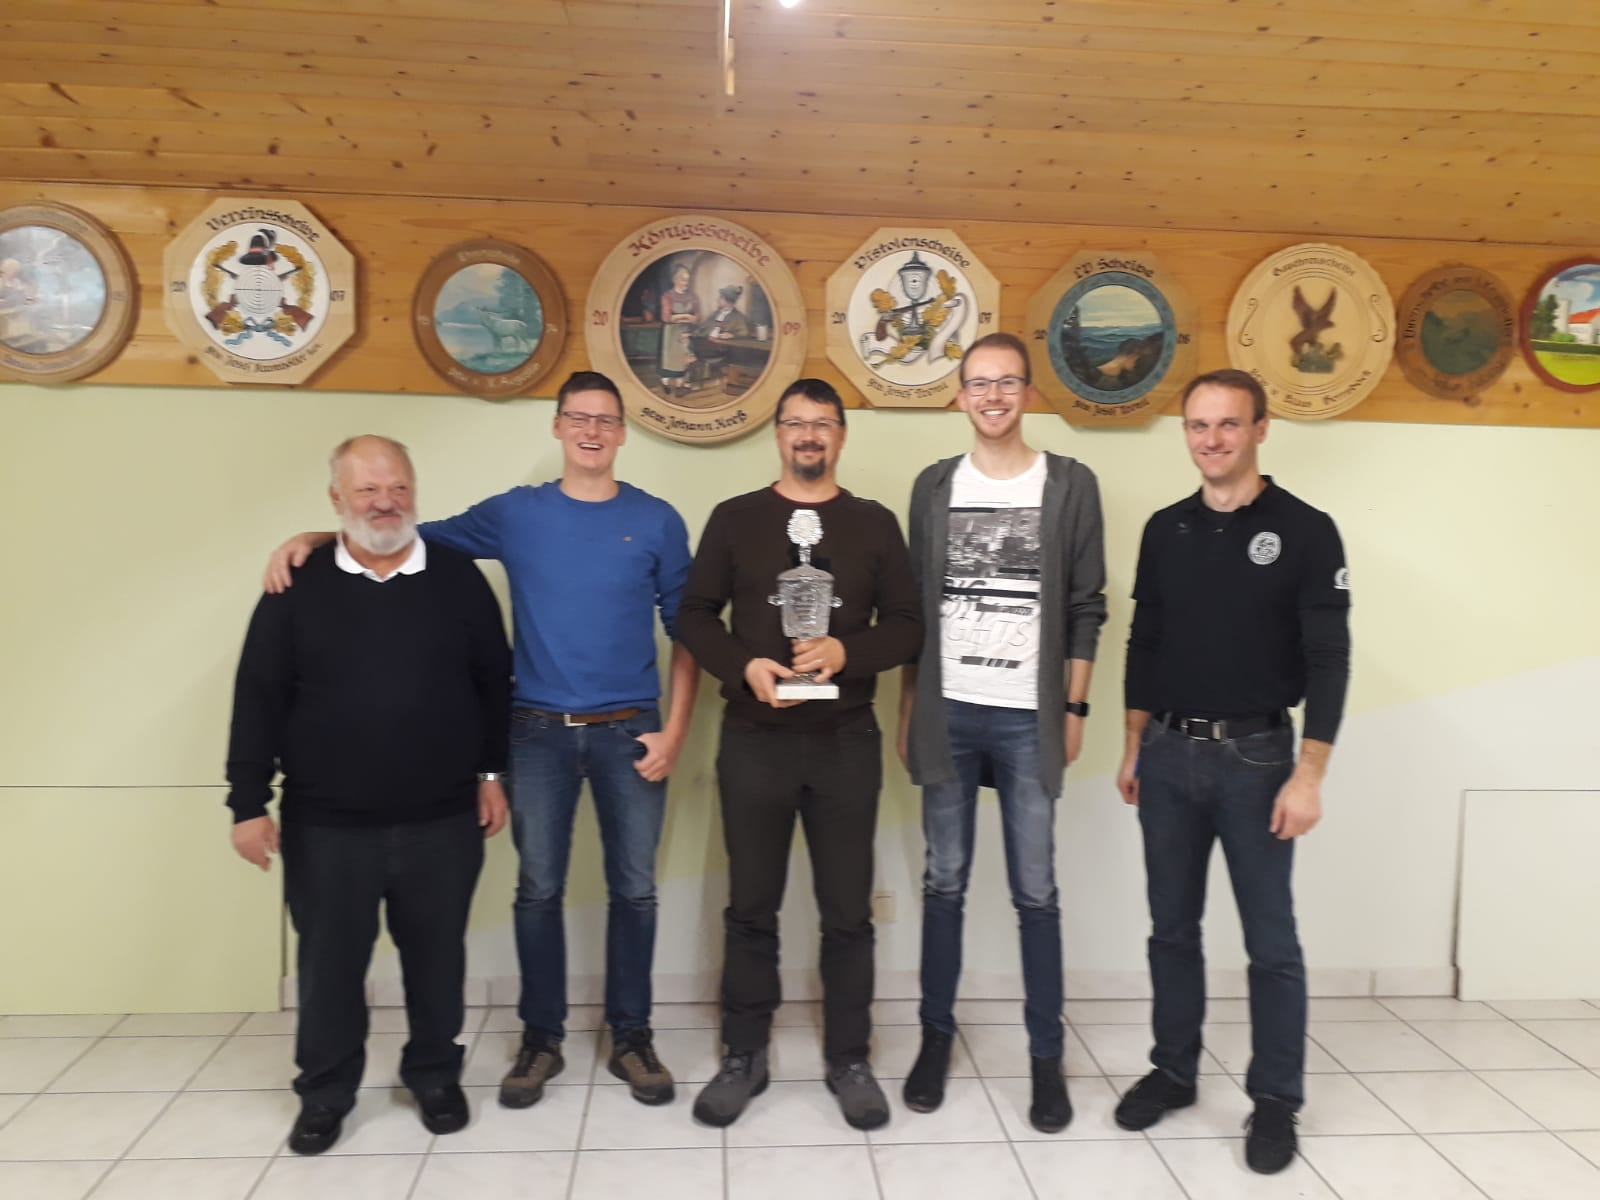 Mannschaft der Seiboldsrieder Schützen gewinnt Seidl Otto Gedächtnis-schießen 2020